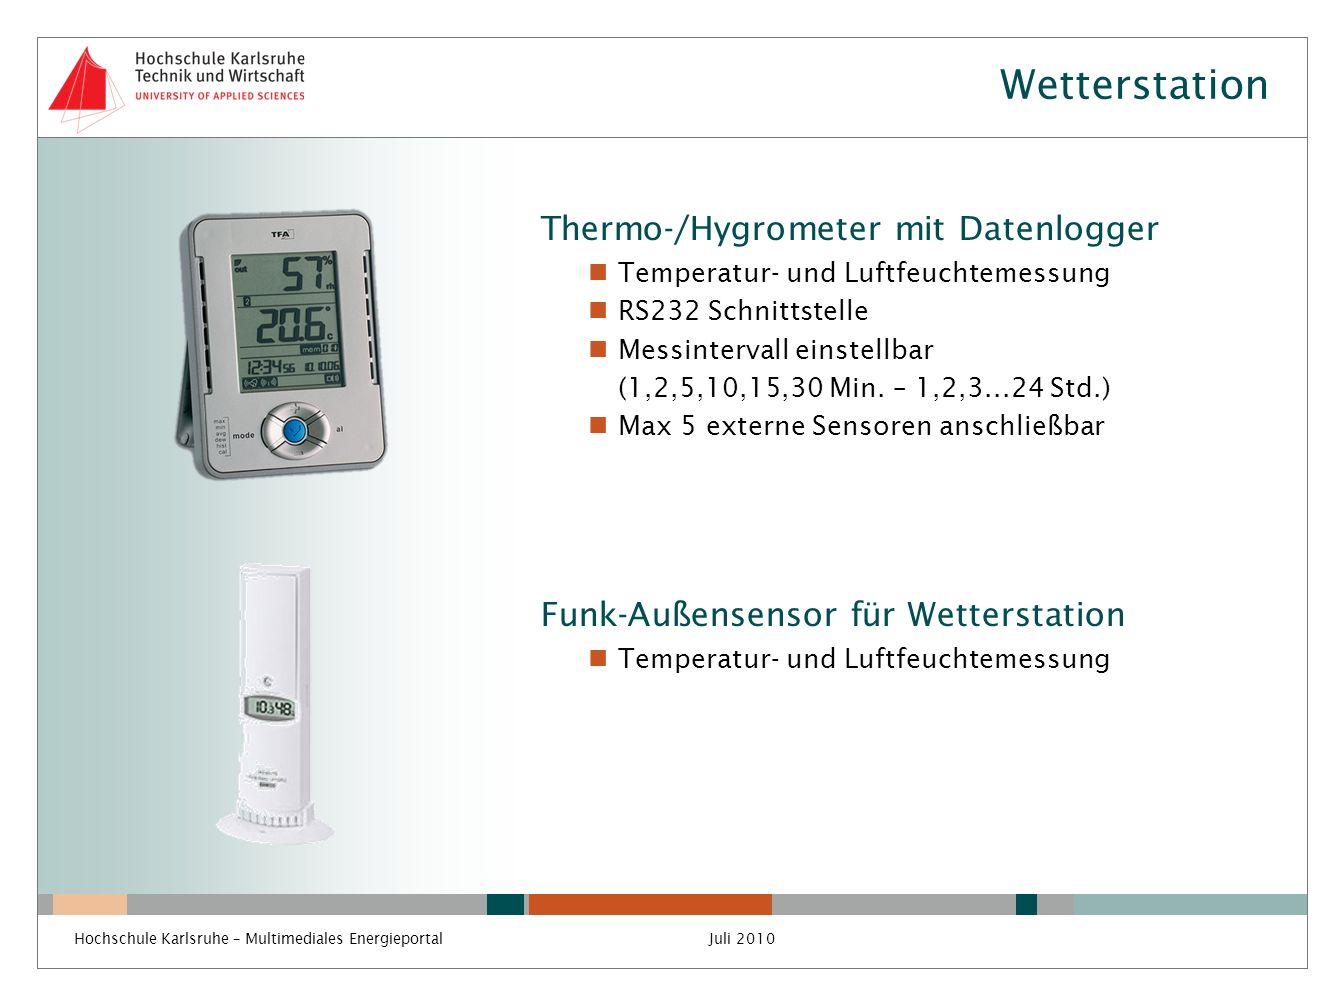 Wetterstation Thermo-/Hygrometer mit Datenlogger